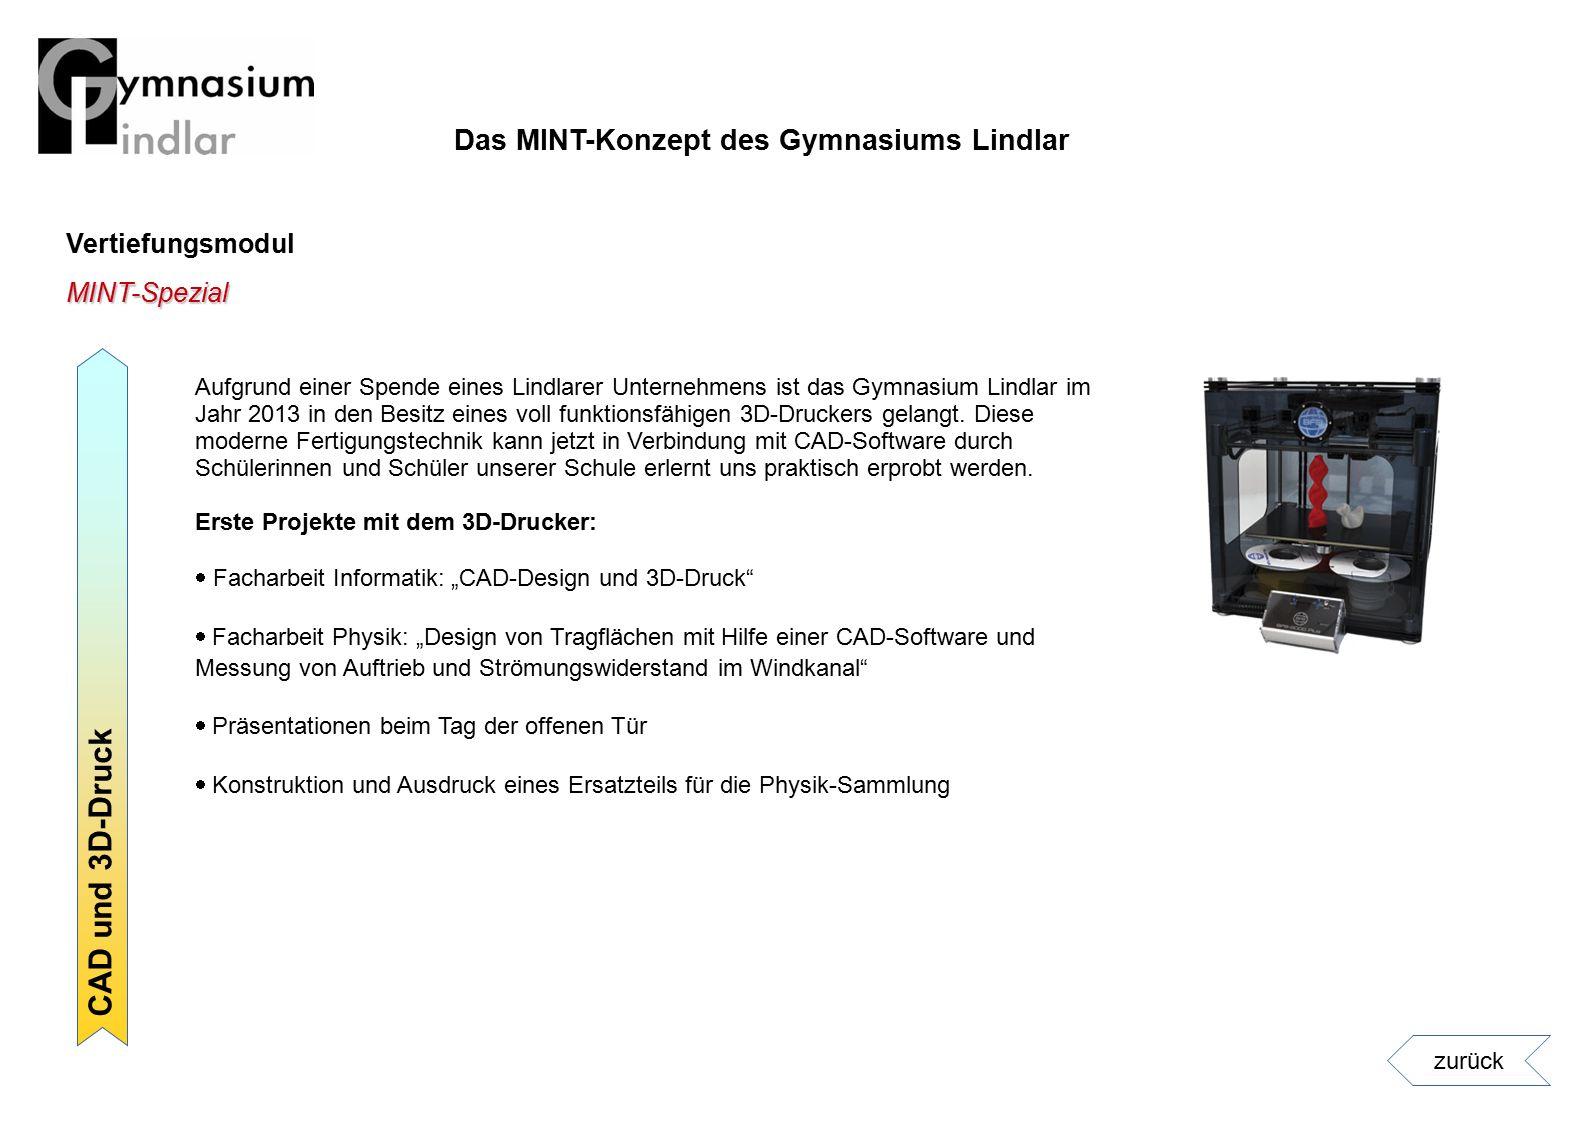 Vertiefungsmodul CAD und 3D-Druck MINT-Spezial Aufgrund einer Spende eines Lindlarer Unternehmens ist das Gymnasium Lindlar im Jahr 2013 in den Besitz